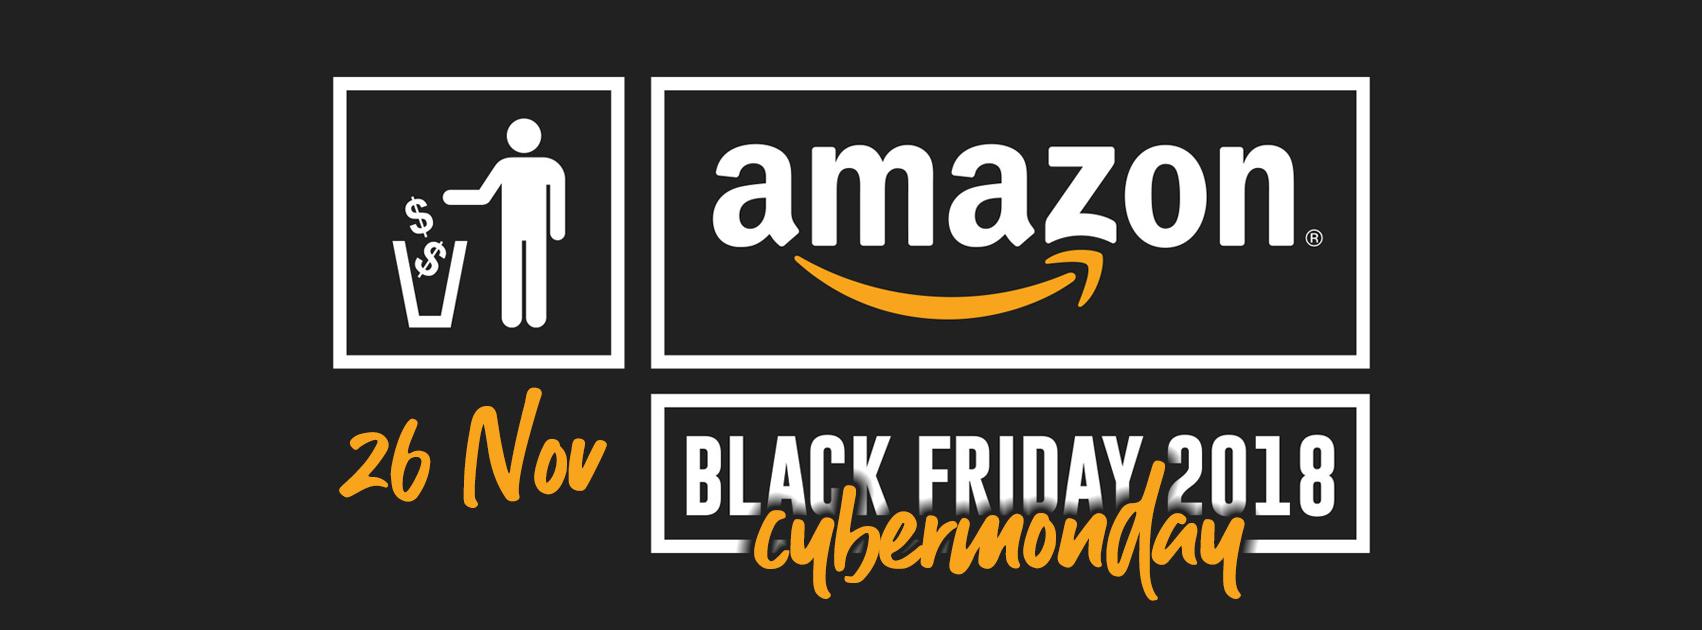 Amazon Cyber Monday: Tutte le Migliori Offerte